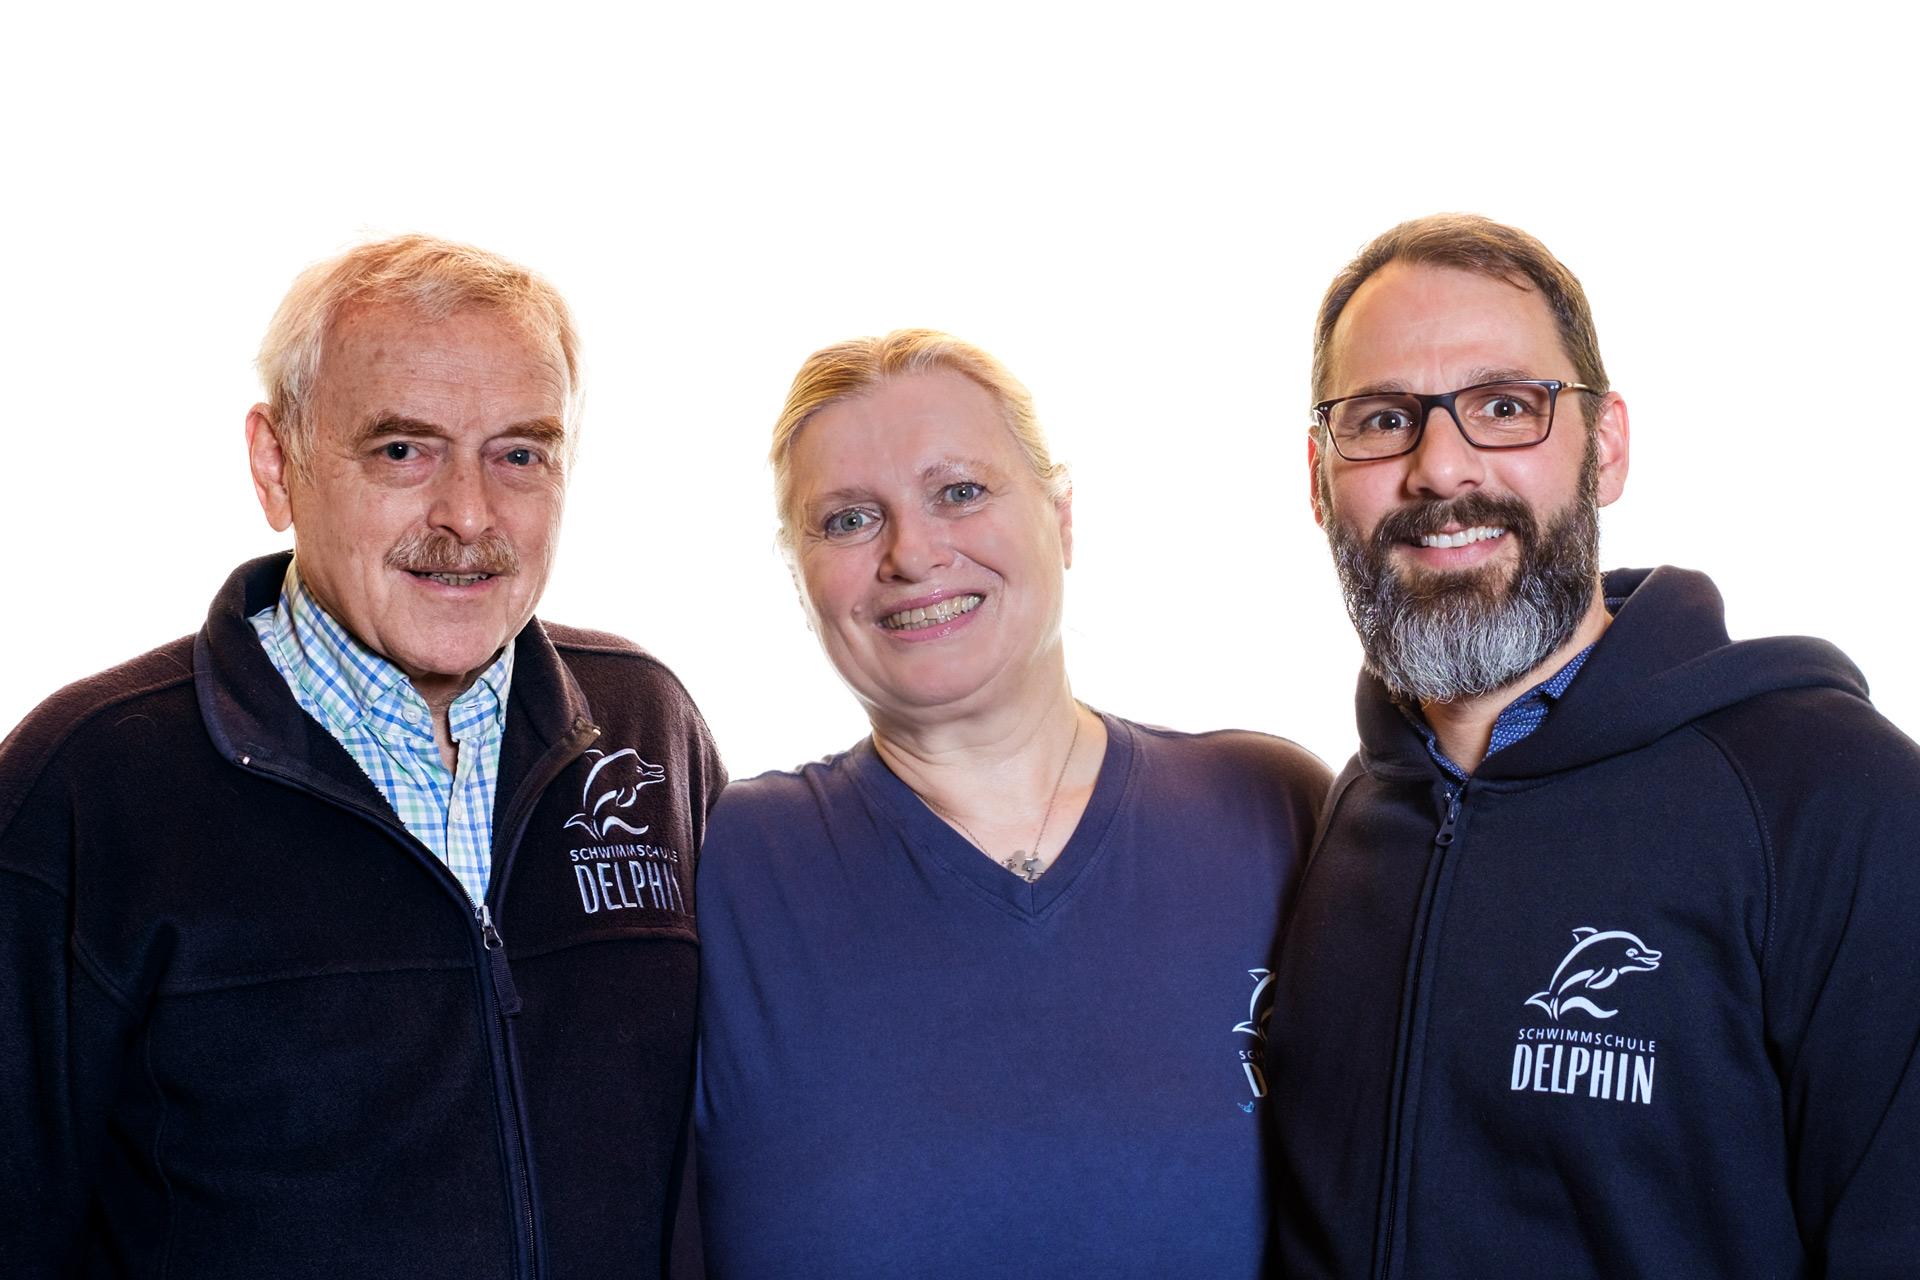 Sue und Uwe Legahn und Christian Zwengel